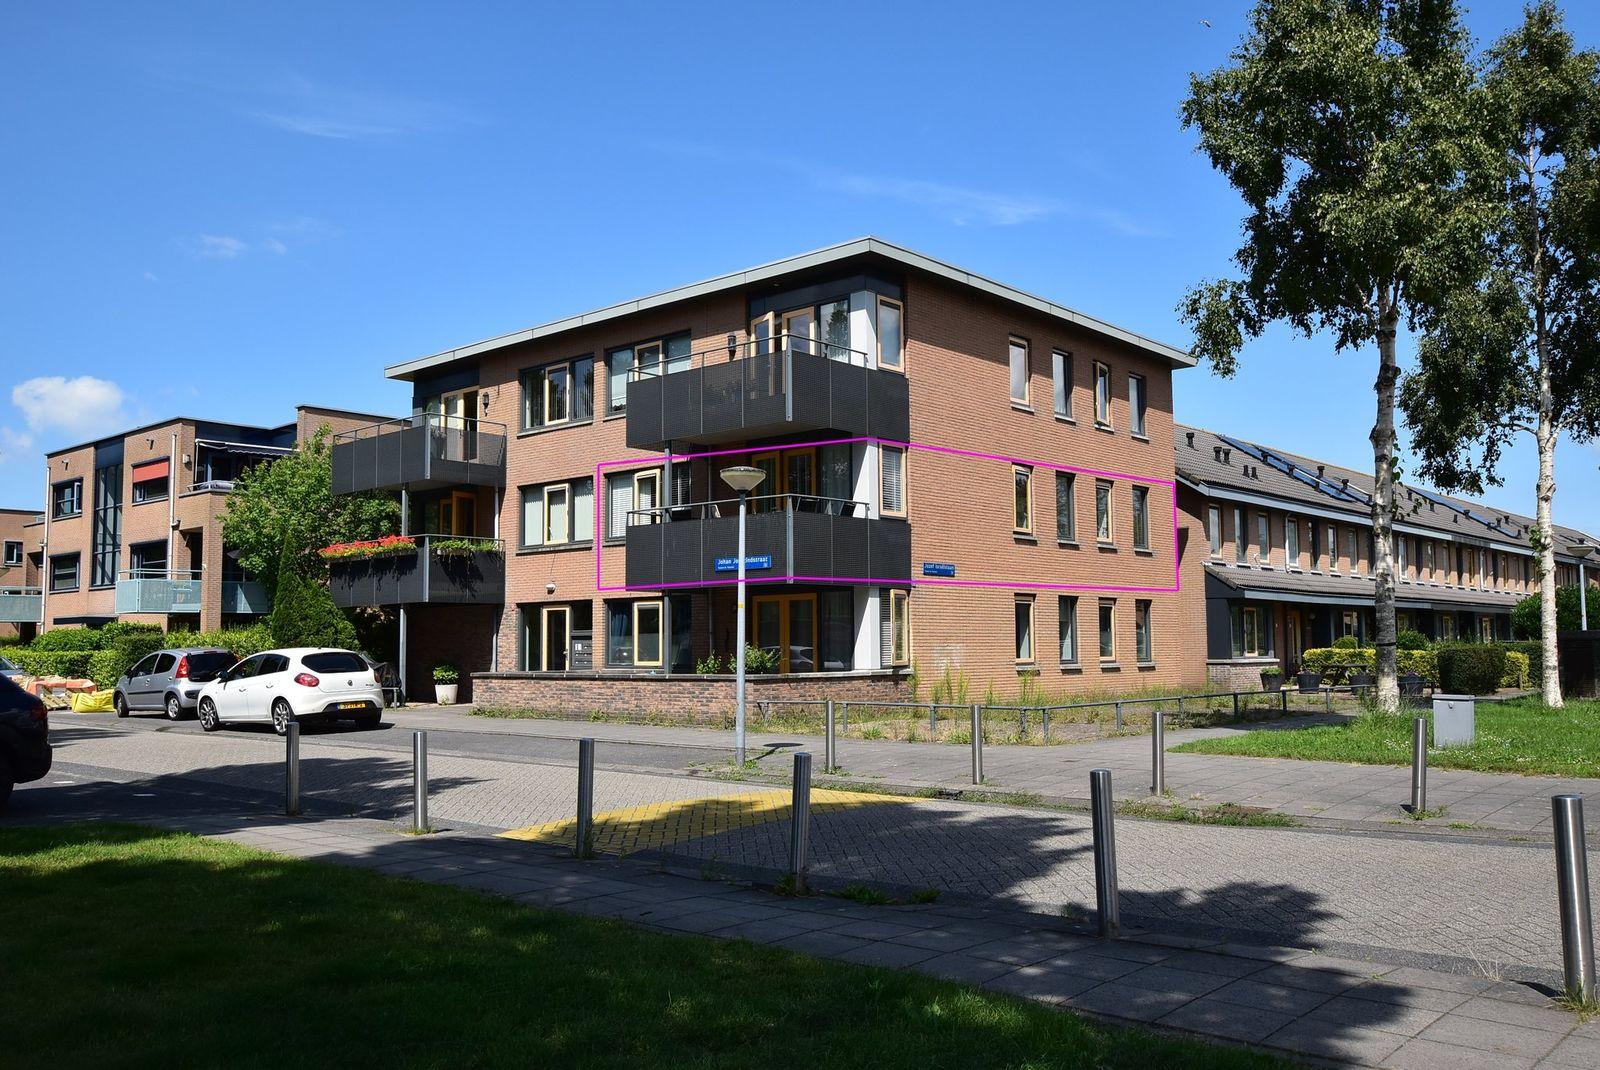 Johan Jongkindstraat 55, Almere